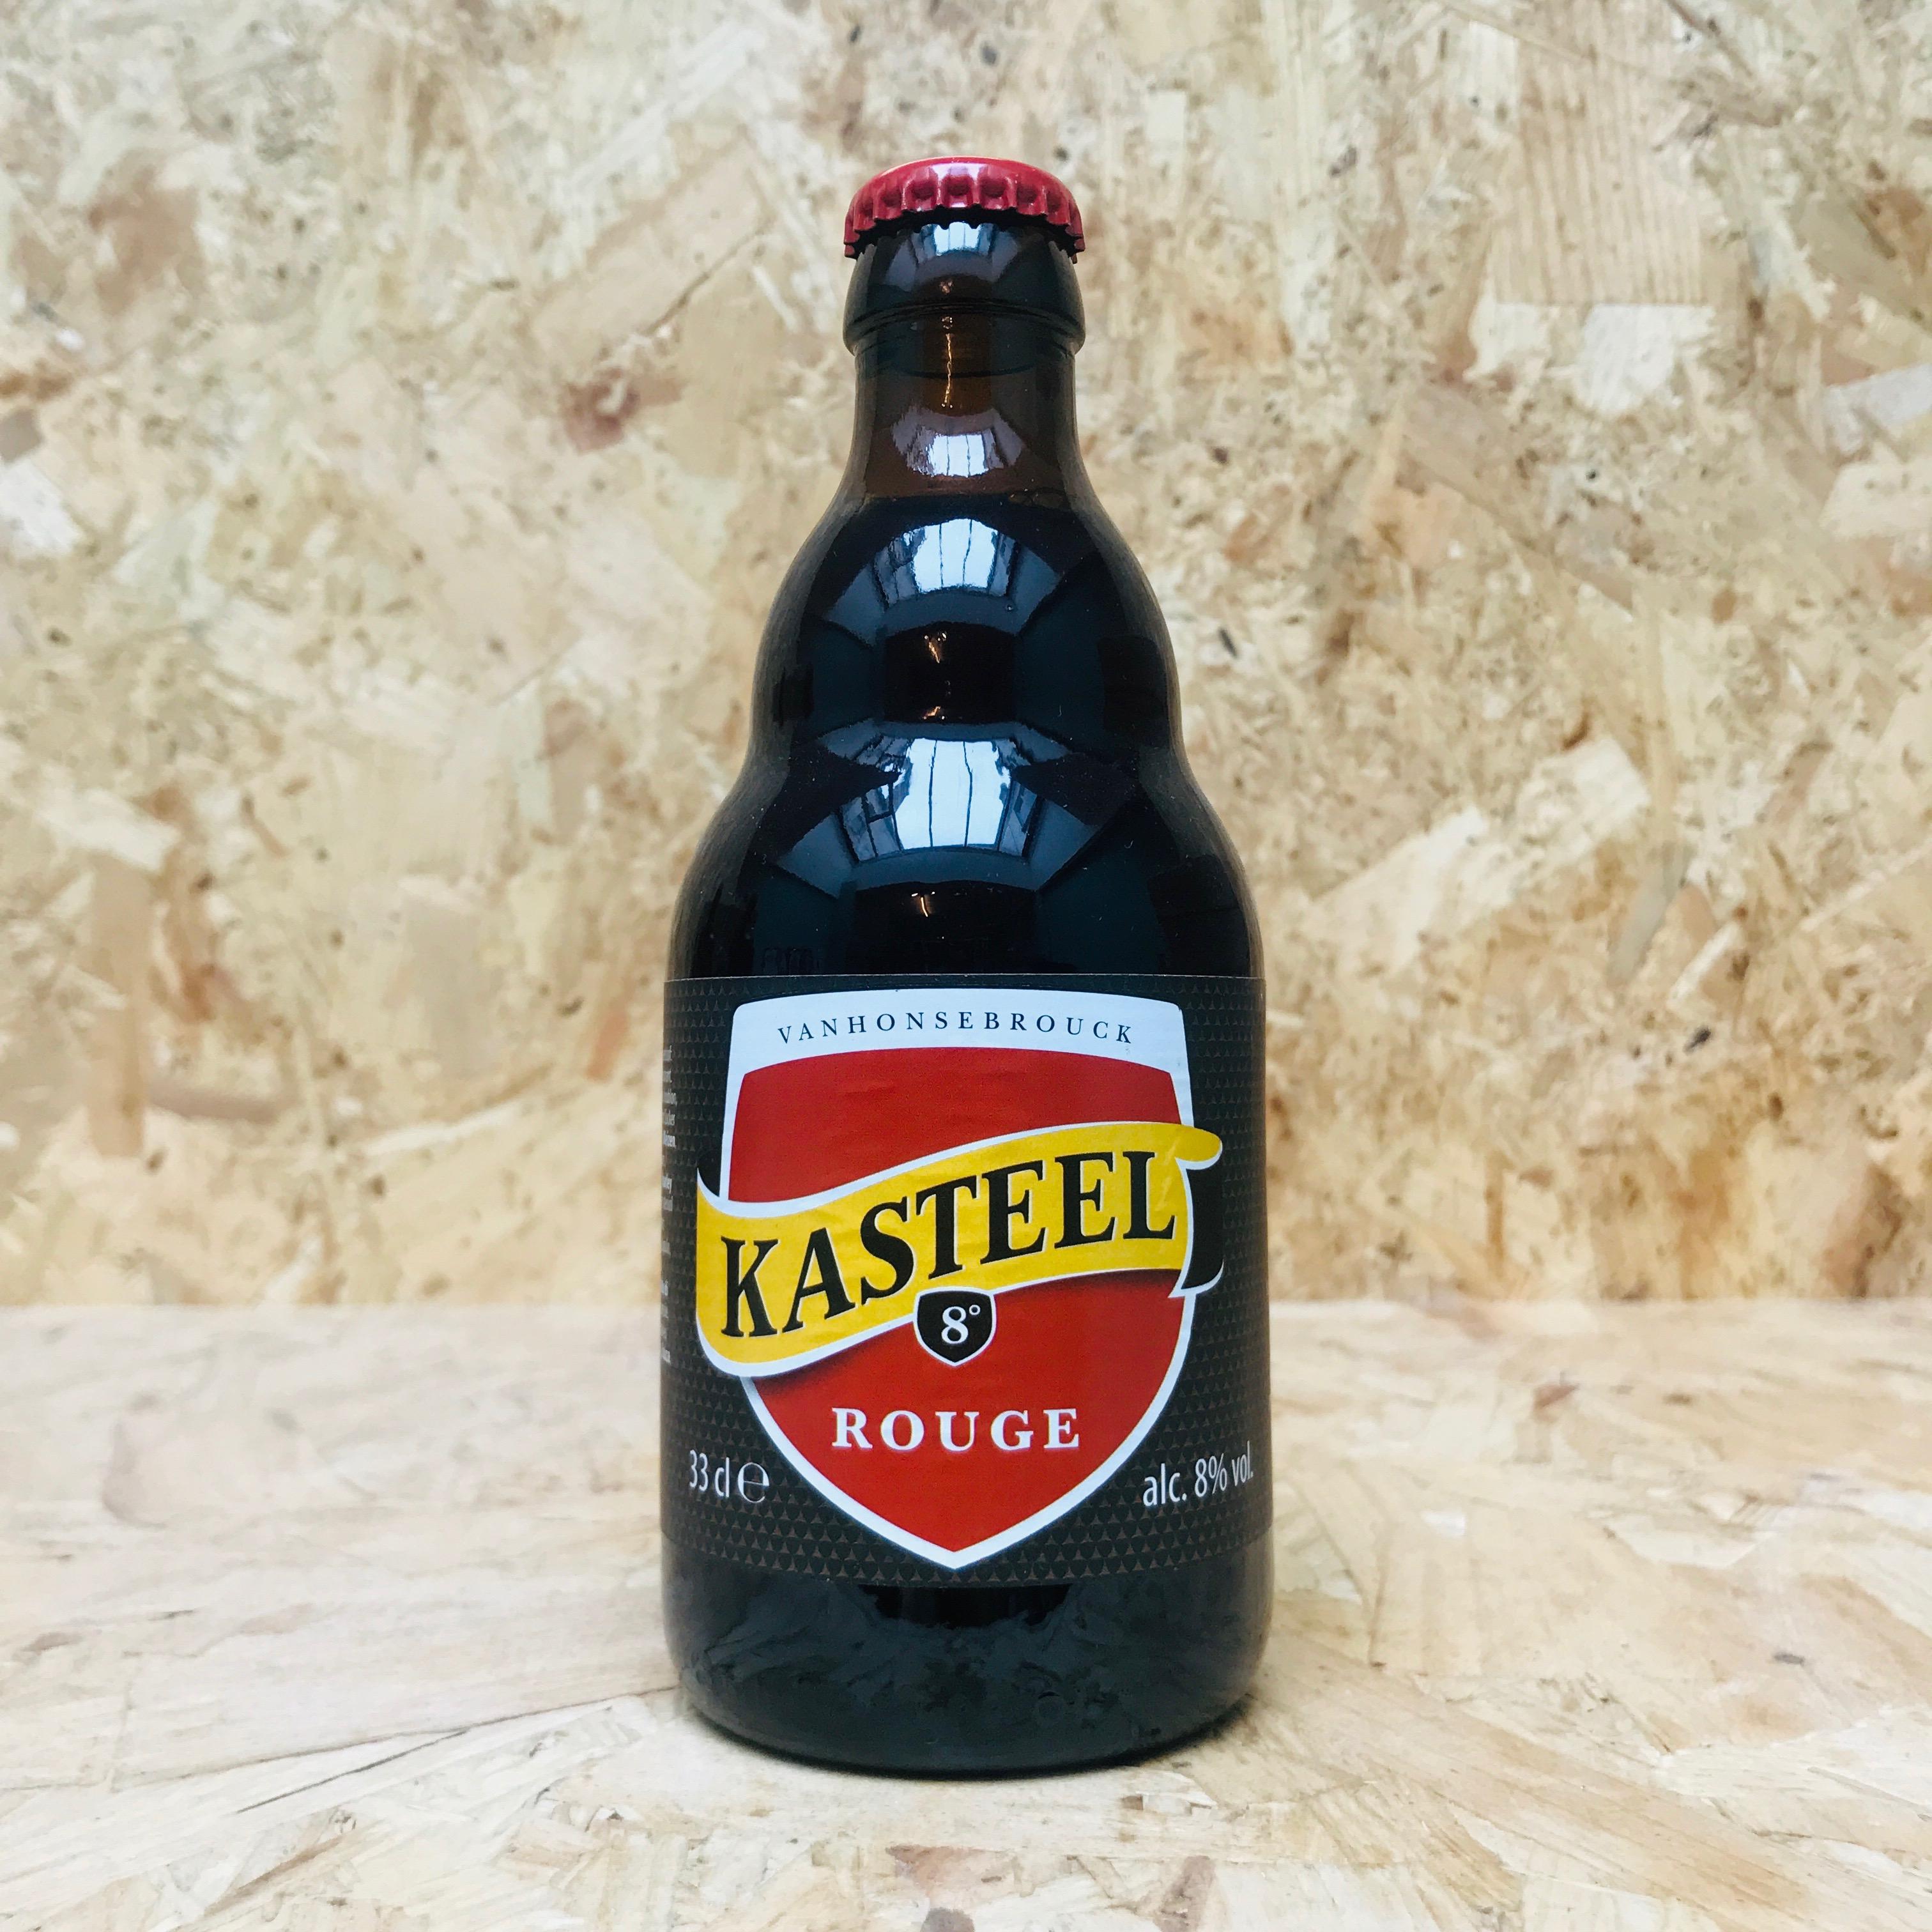 Kasteel - Rouge